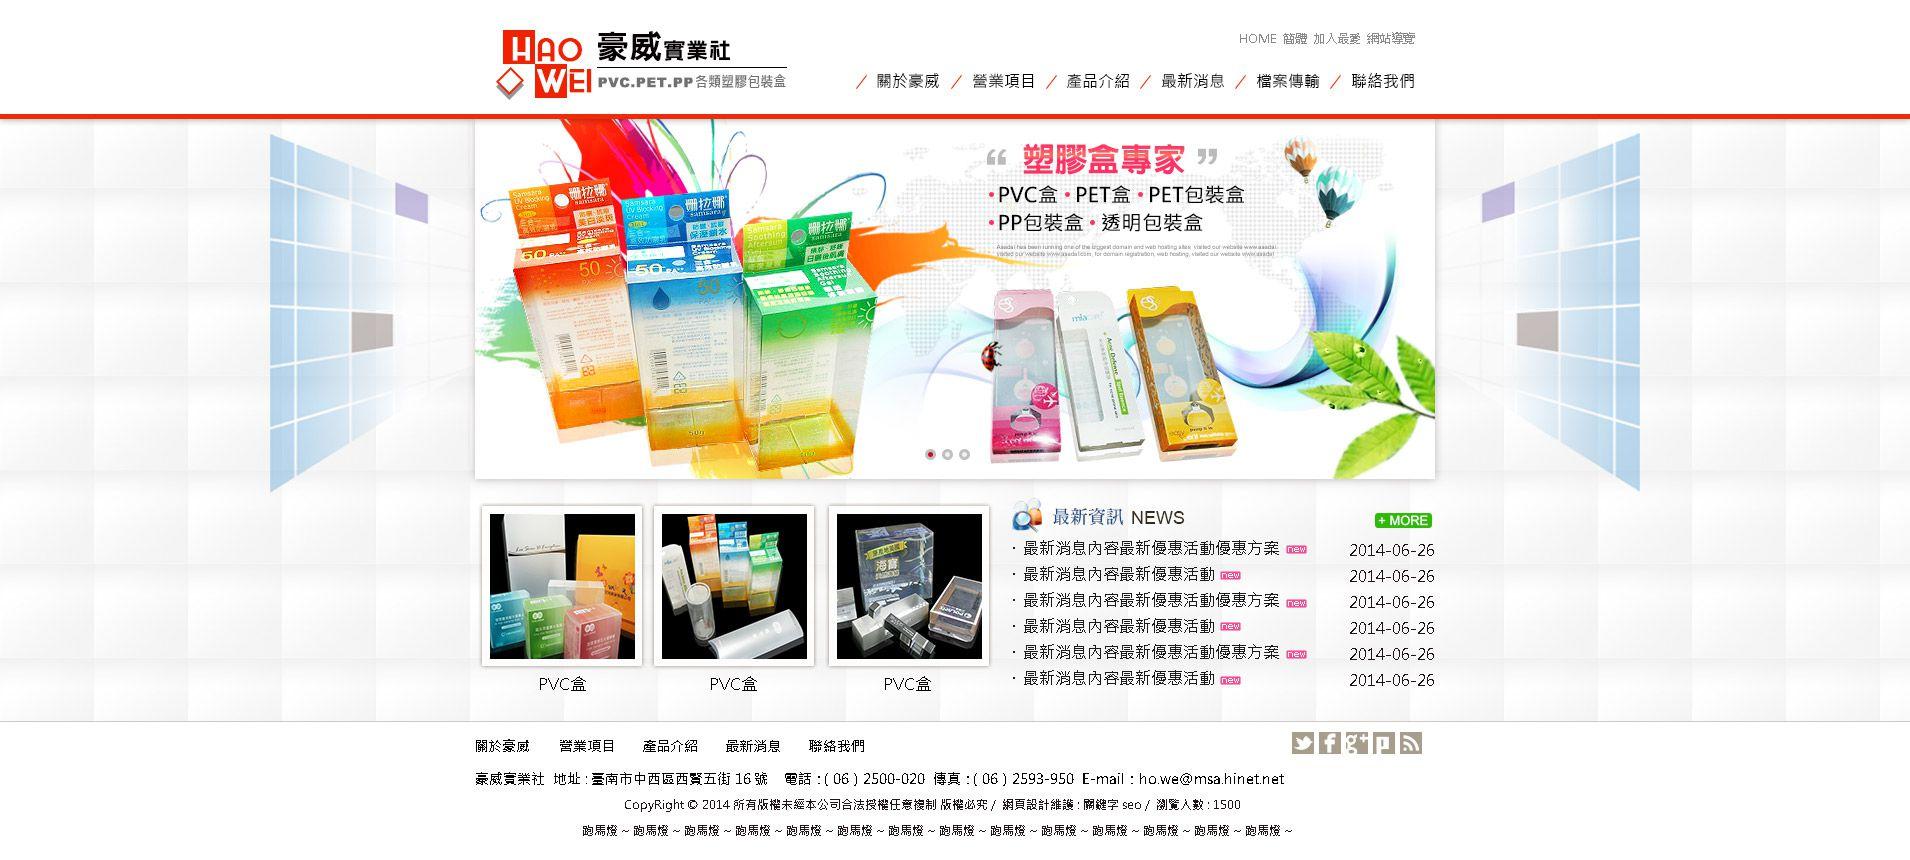 豪威實業社網頁設計